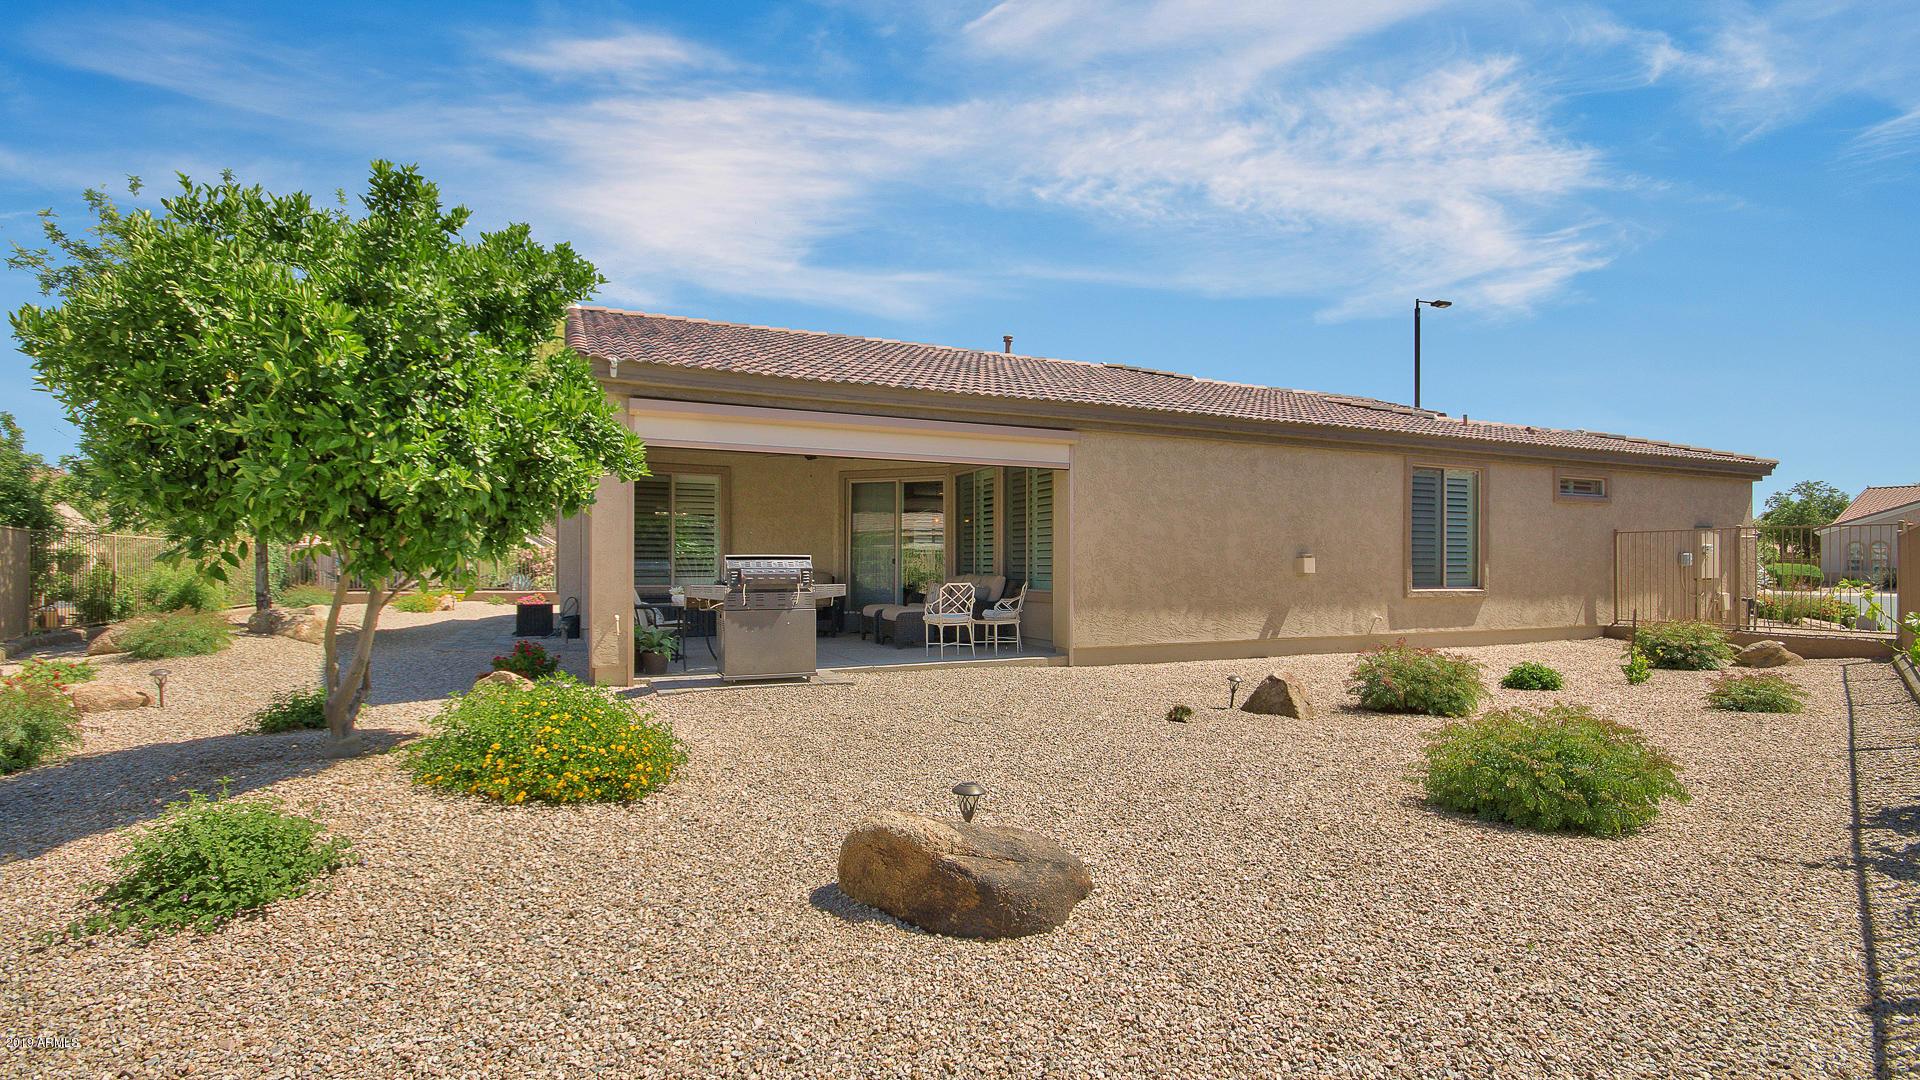 MLS 5913843 5300 S SUGARBERRY Court, Gilbert, AZ 85298 Gilbert AZ Trilogy At Power Ranch